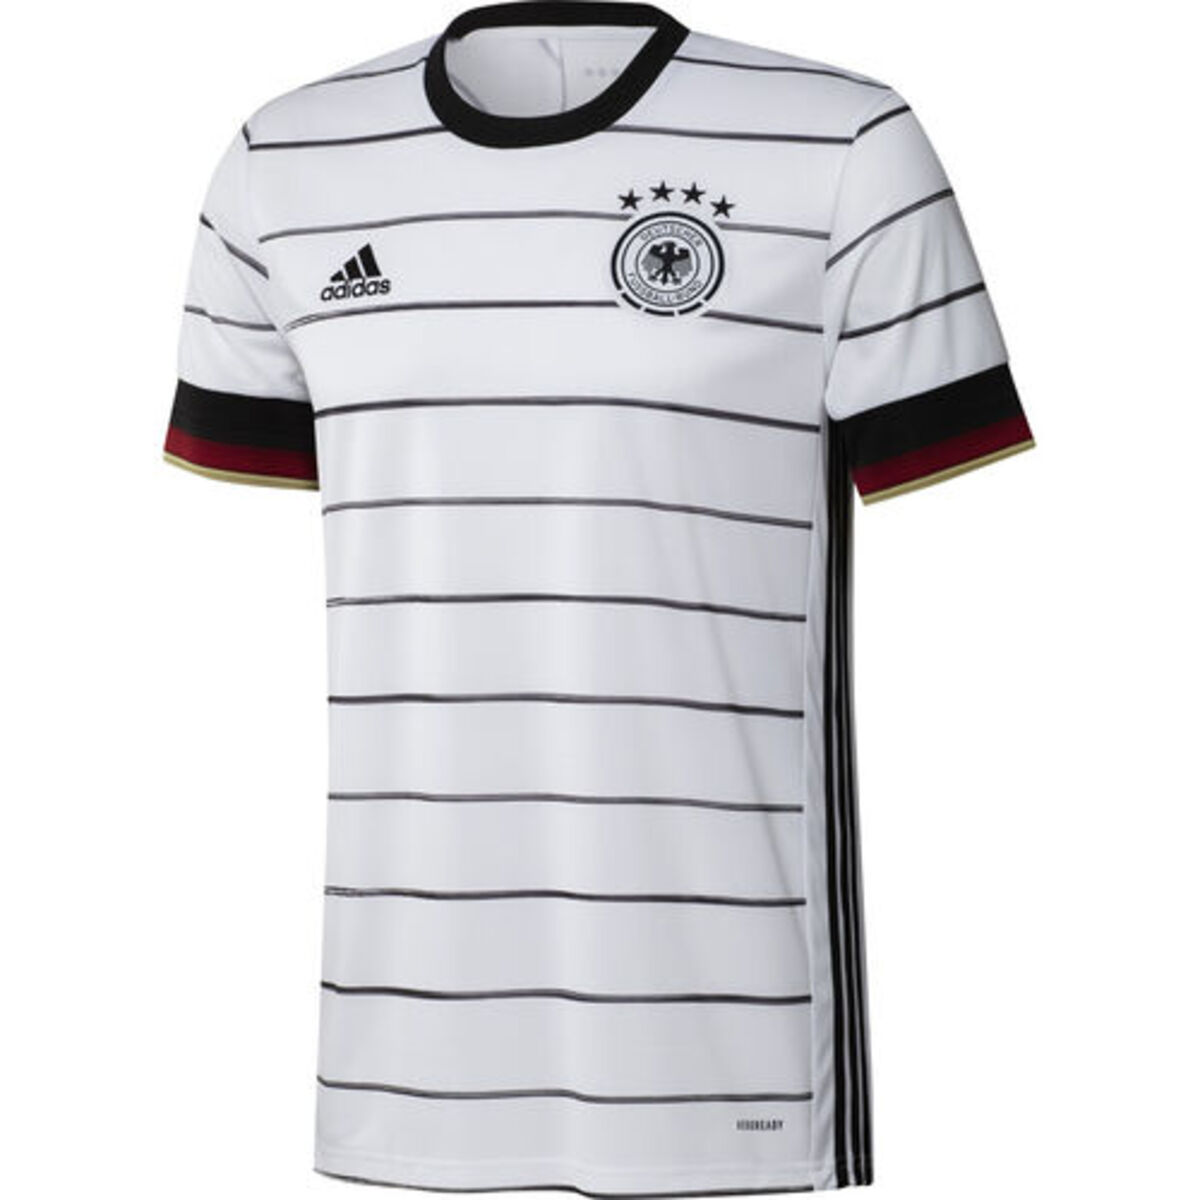 Bild 5 von adidas Herren DFB Heimtrikot, weiß, M, M